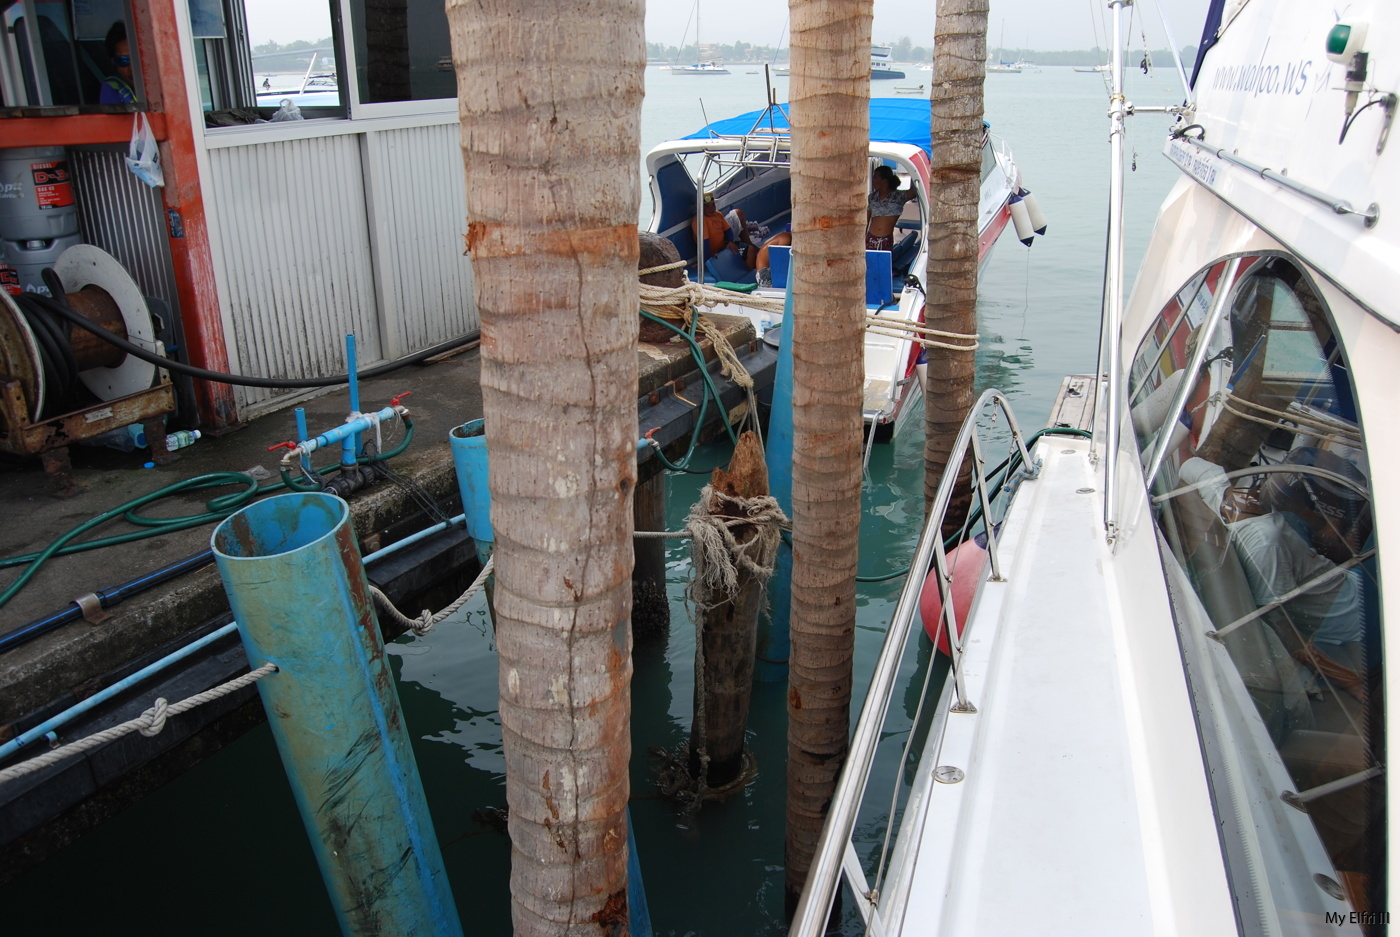 Sarasota län vatten krok upp